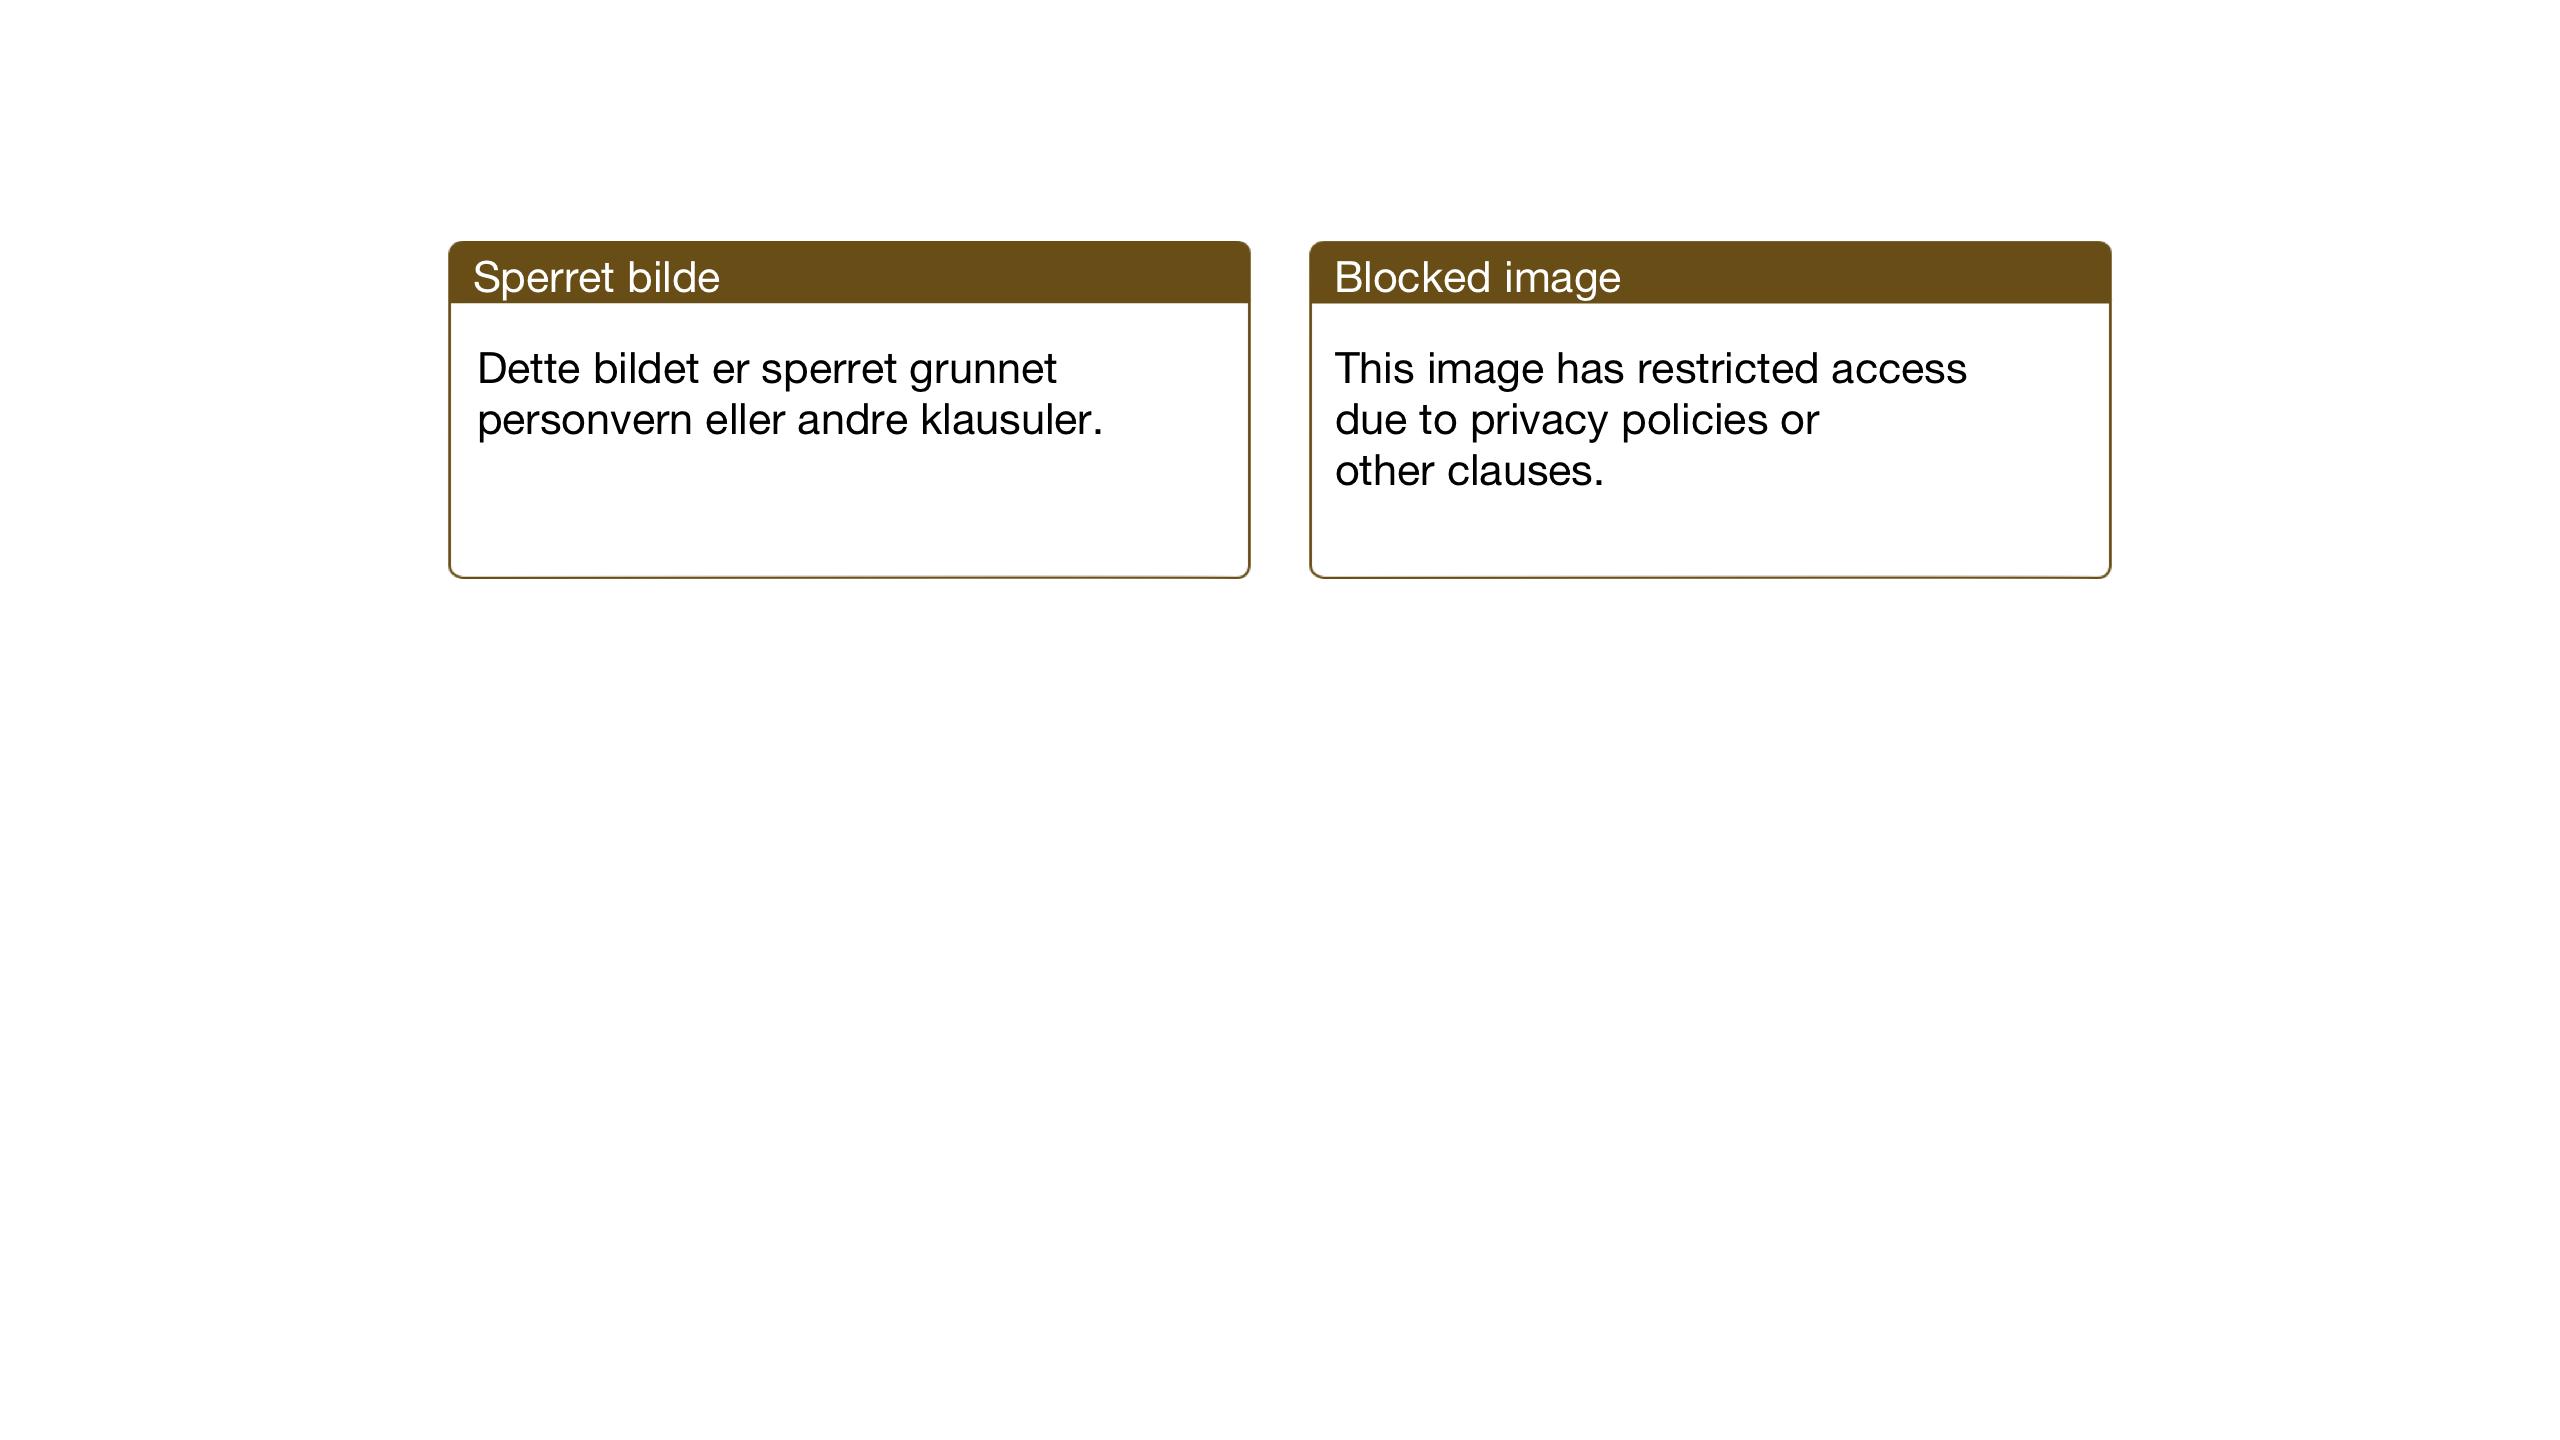 SAT, Ministerialprotokoller, klokkerbøker og fødselsregistre - Nord-Trøndelag, 773/L0625: Klokkerbok nr. 773C01, 1910-1952, s. 108